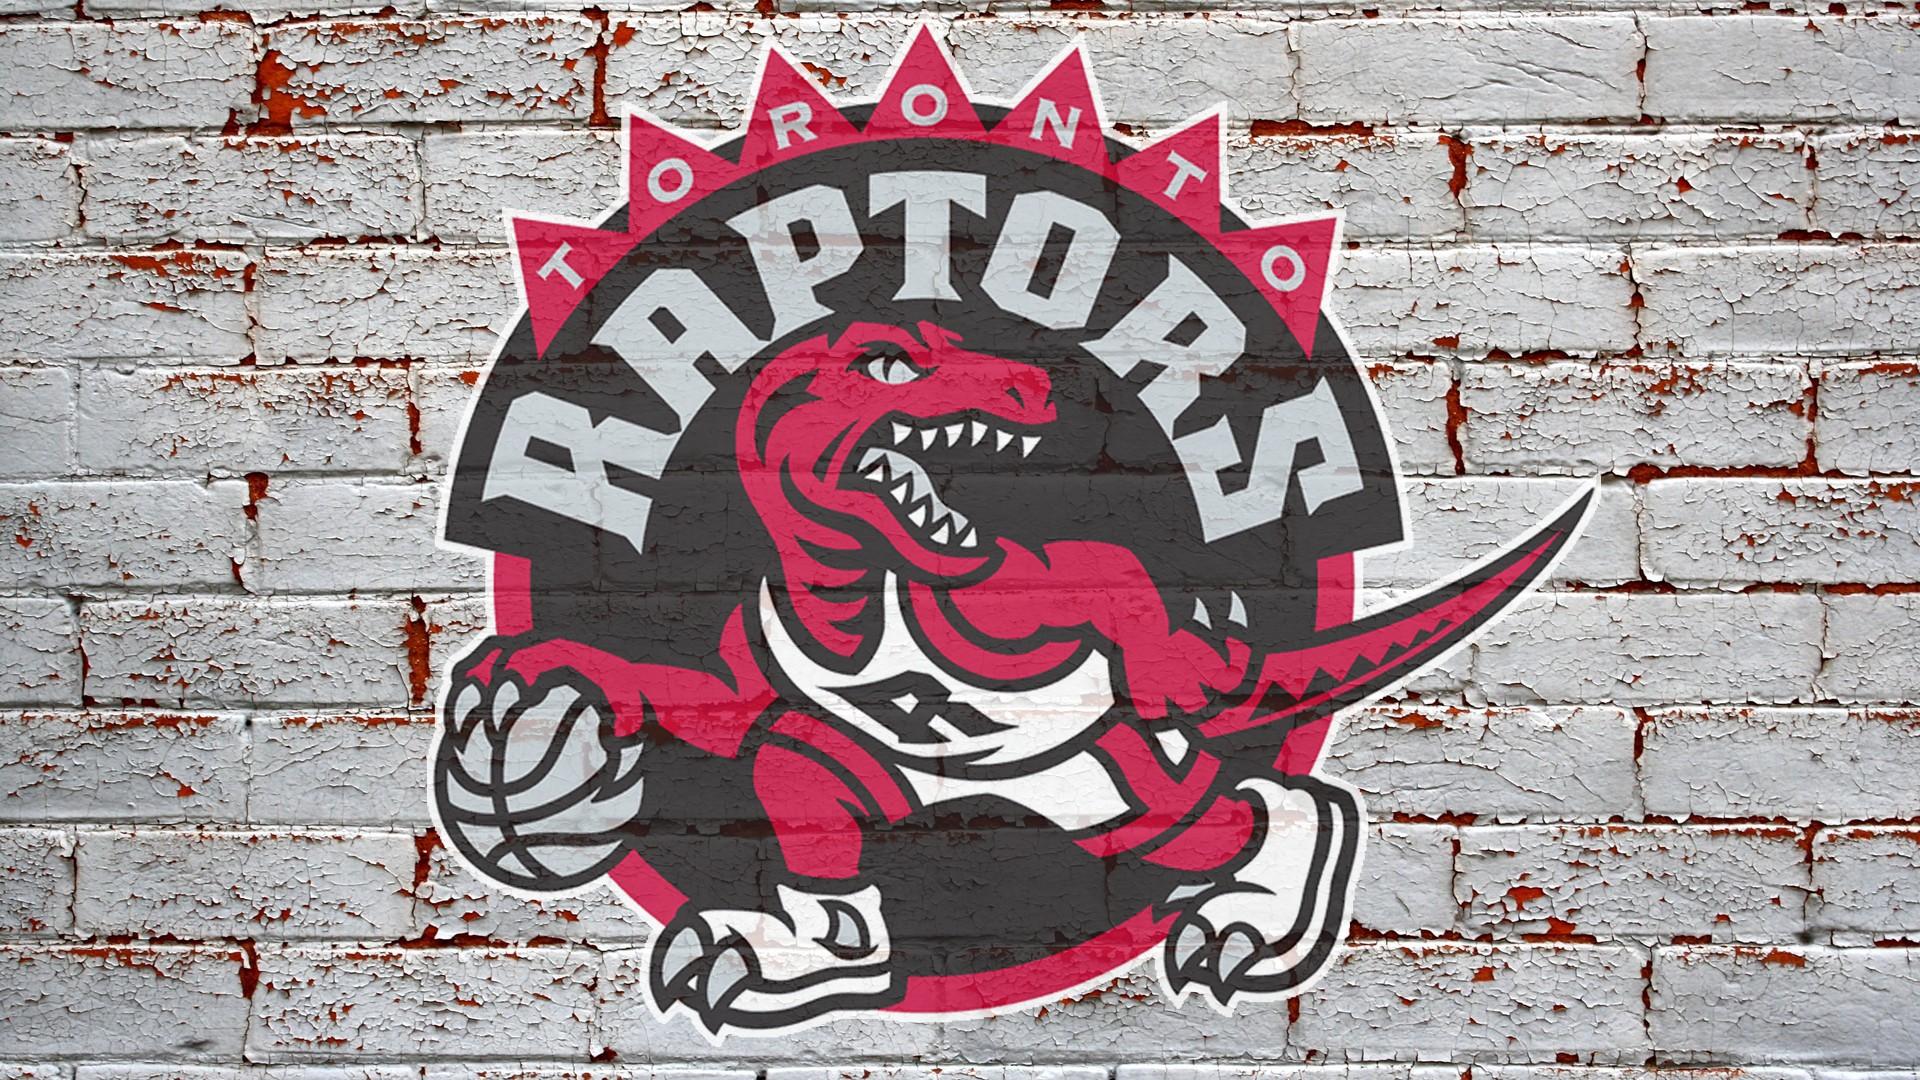 brick nba wallpaper grey logo toronto raptors 1920x1080